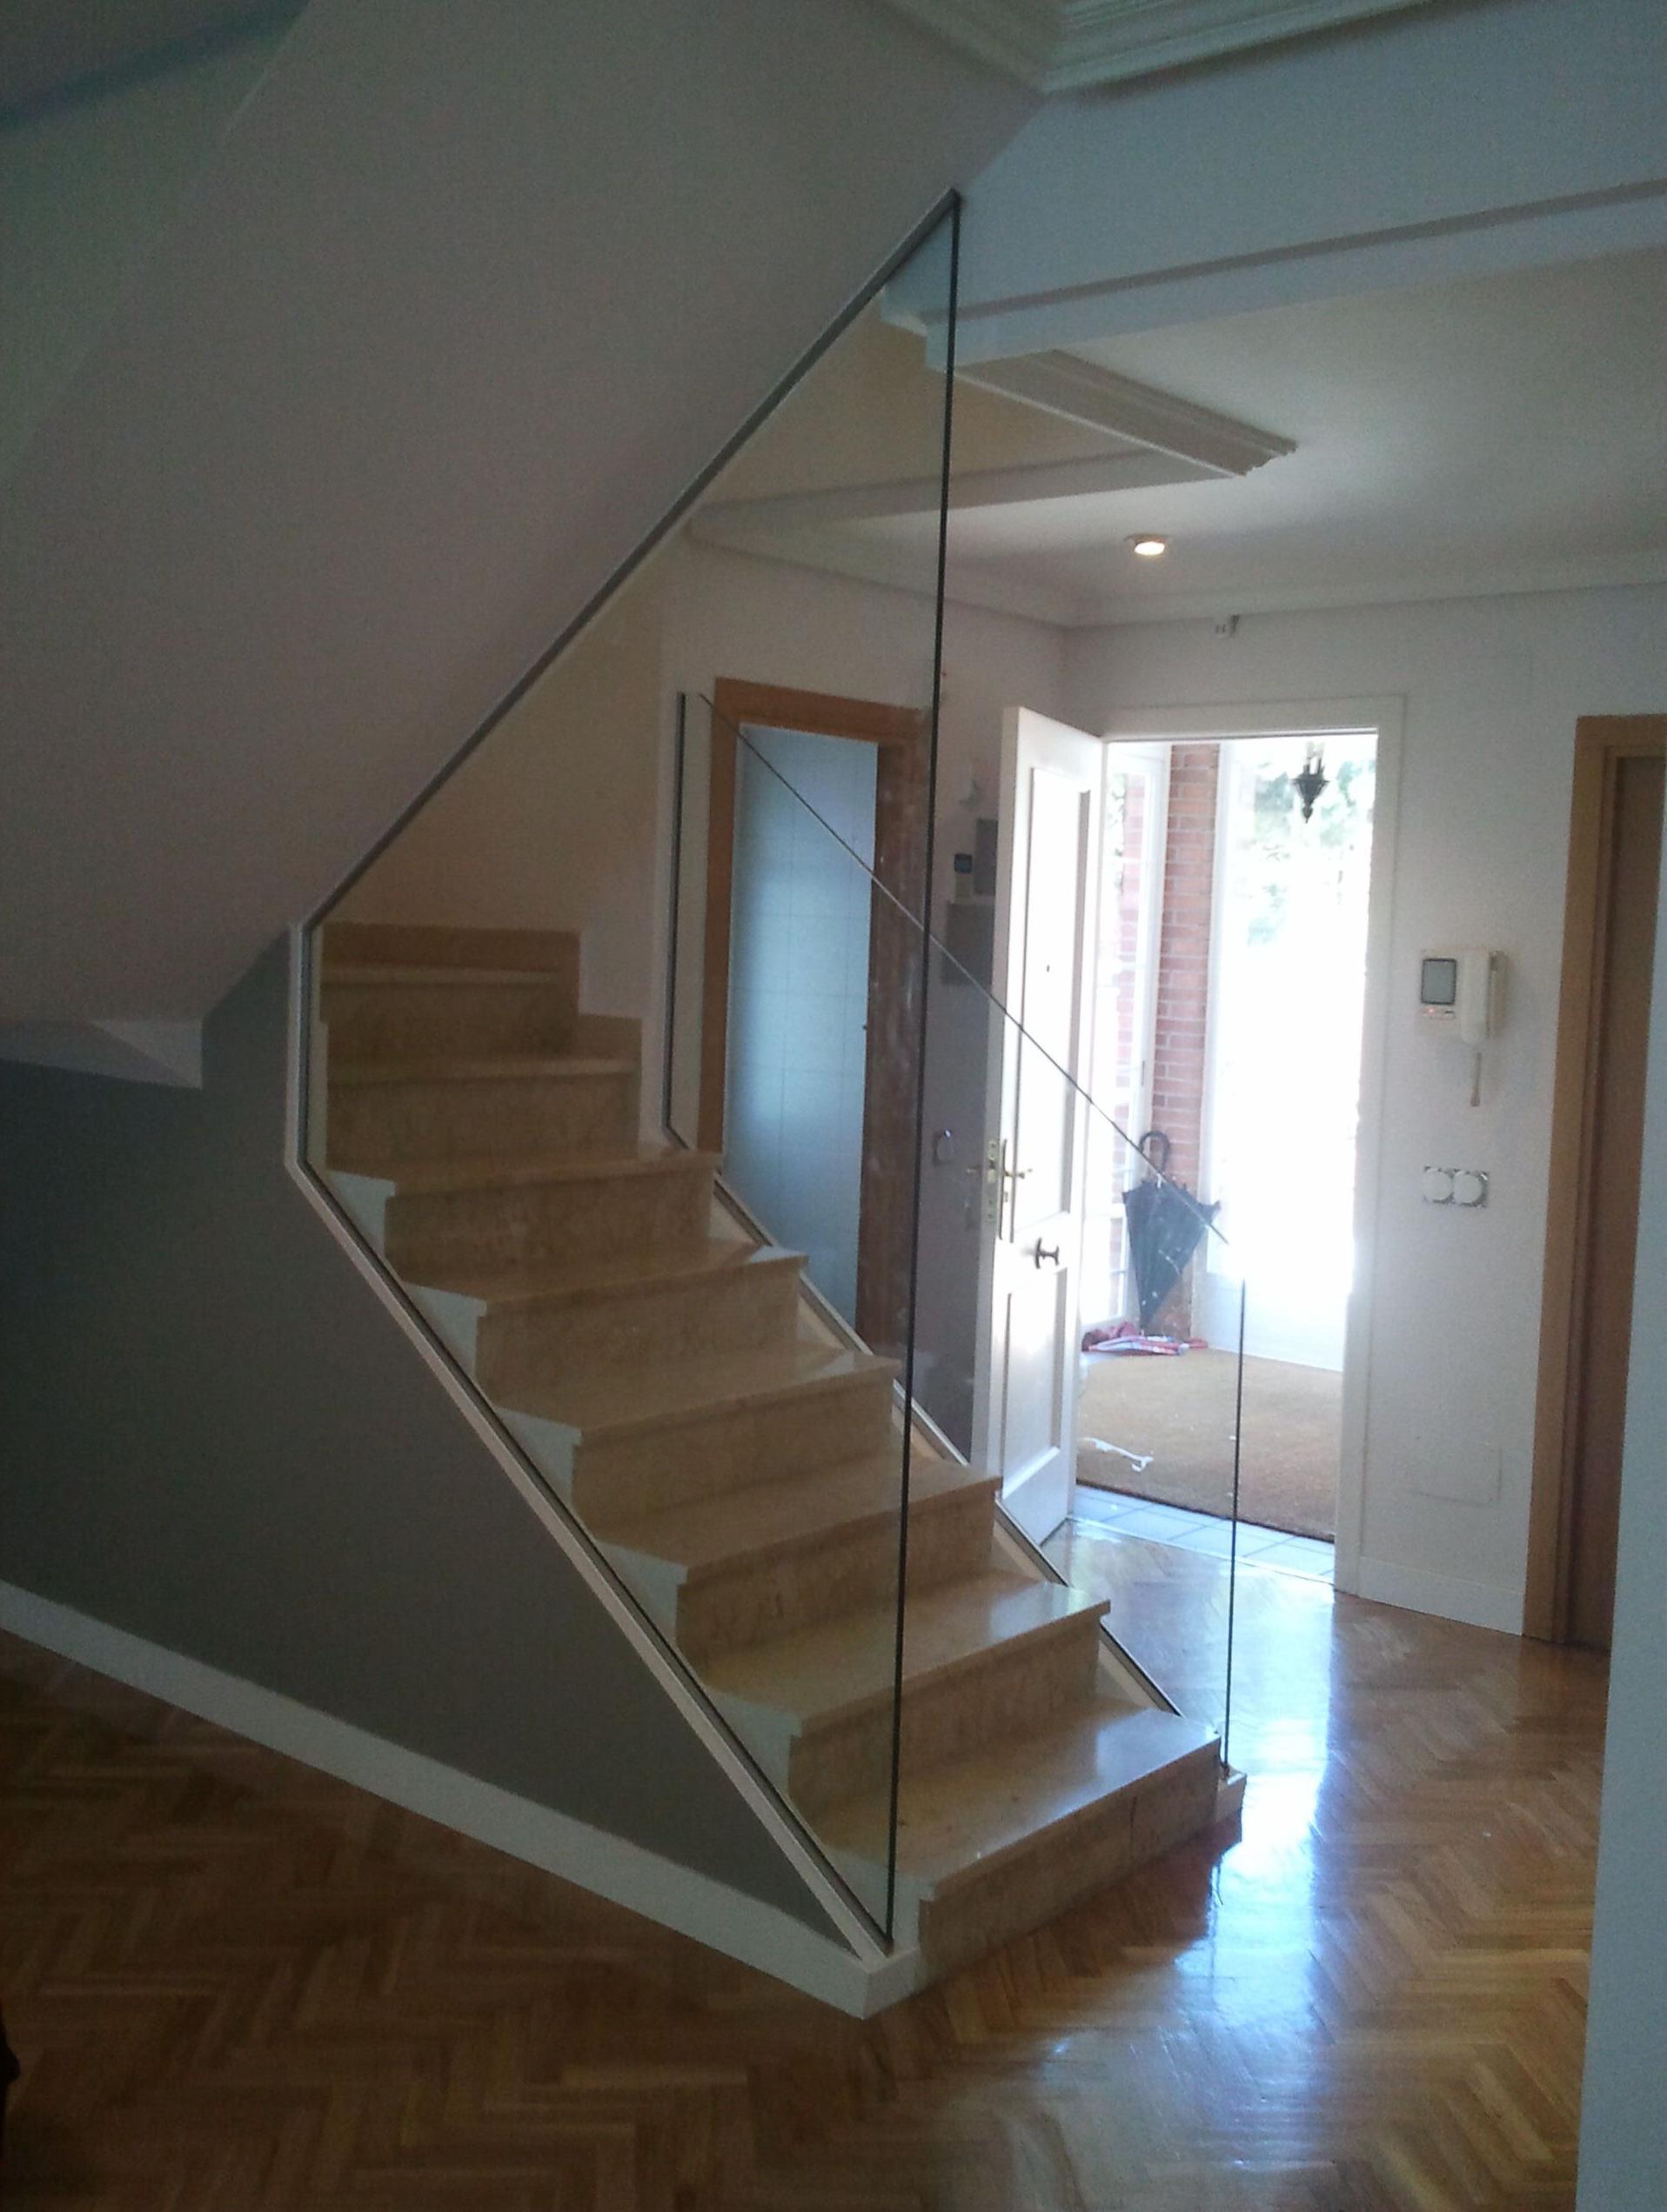 Escaleras Con Cristal With Escaleras Con Cristal Trendy Cierre  ~ Barandillas De Cristal Para Escaleras Interiores